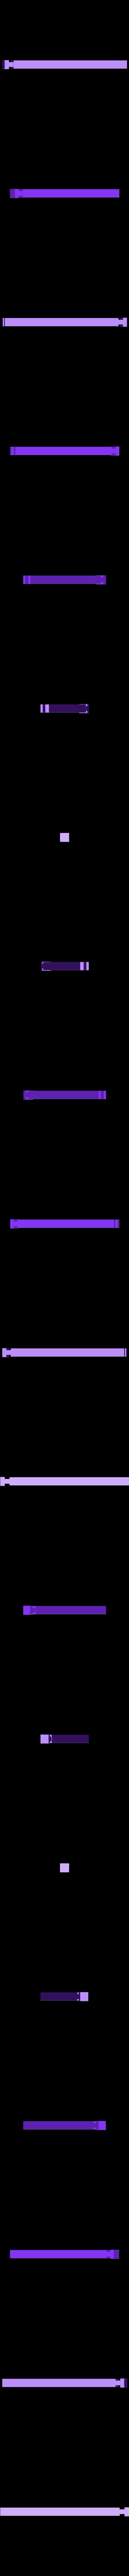 traverse 1.stl Télécharger fichier STL Pont 4 colonnes pour garage 1/10 • Design pour impression 3D, RCGANG93